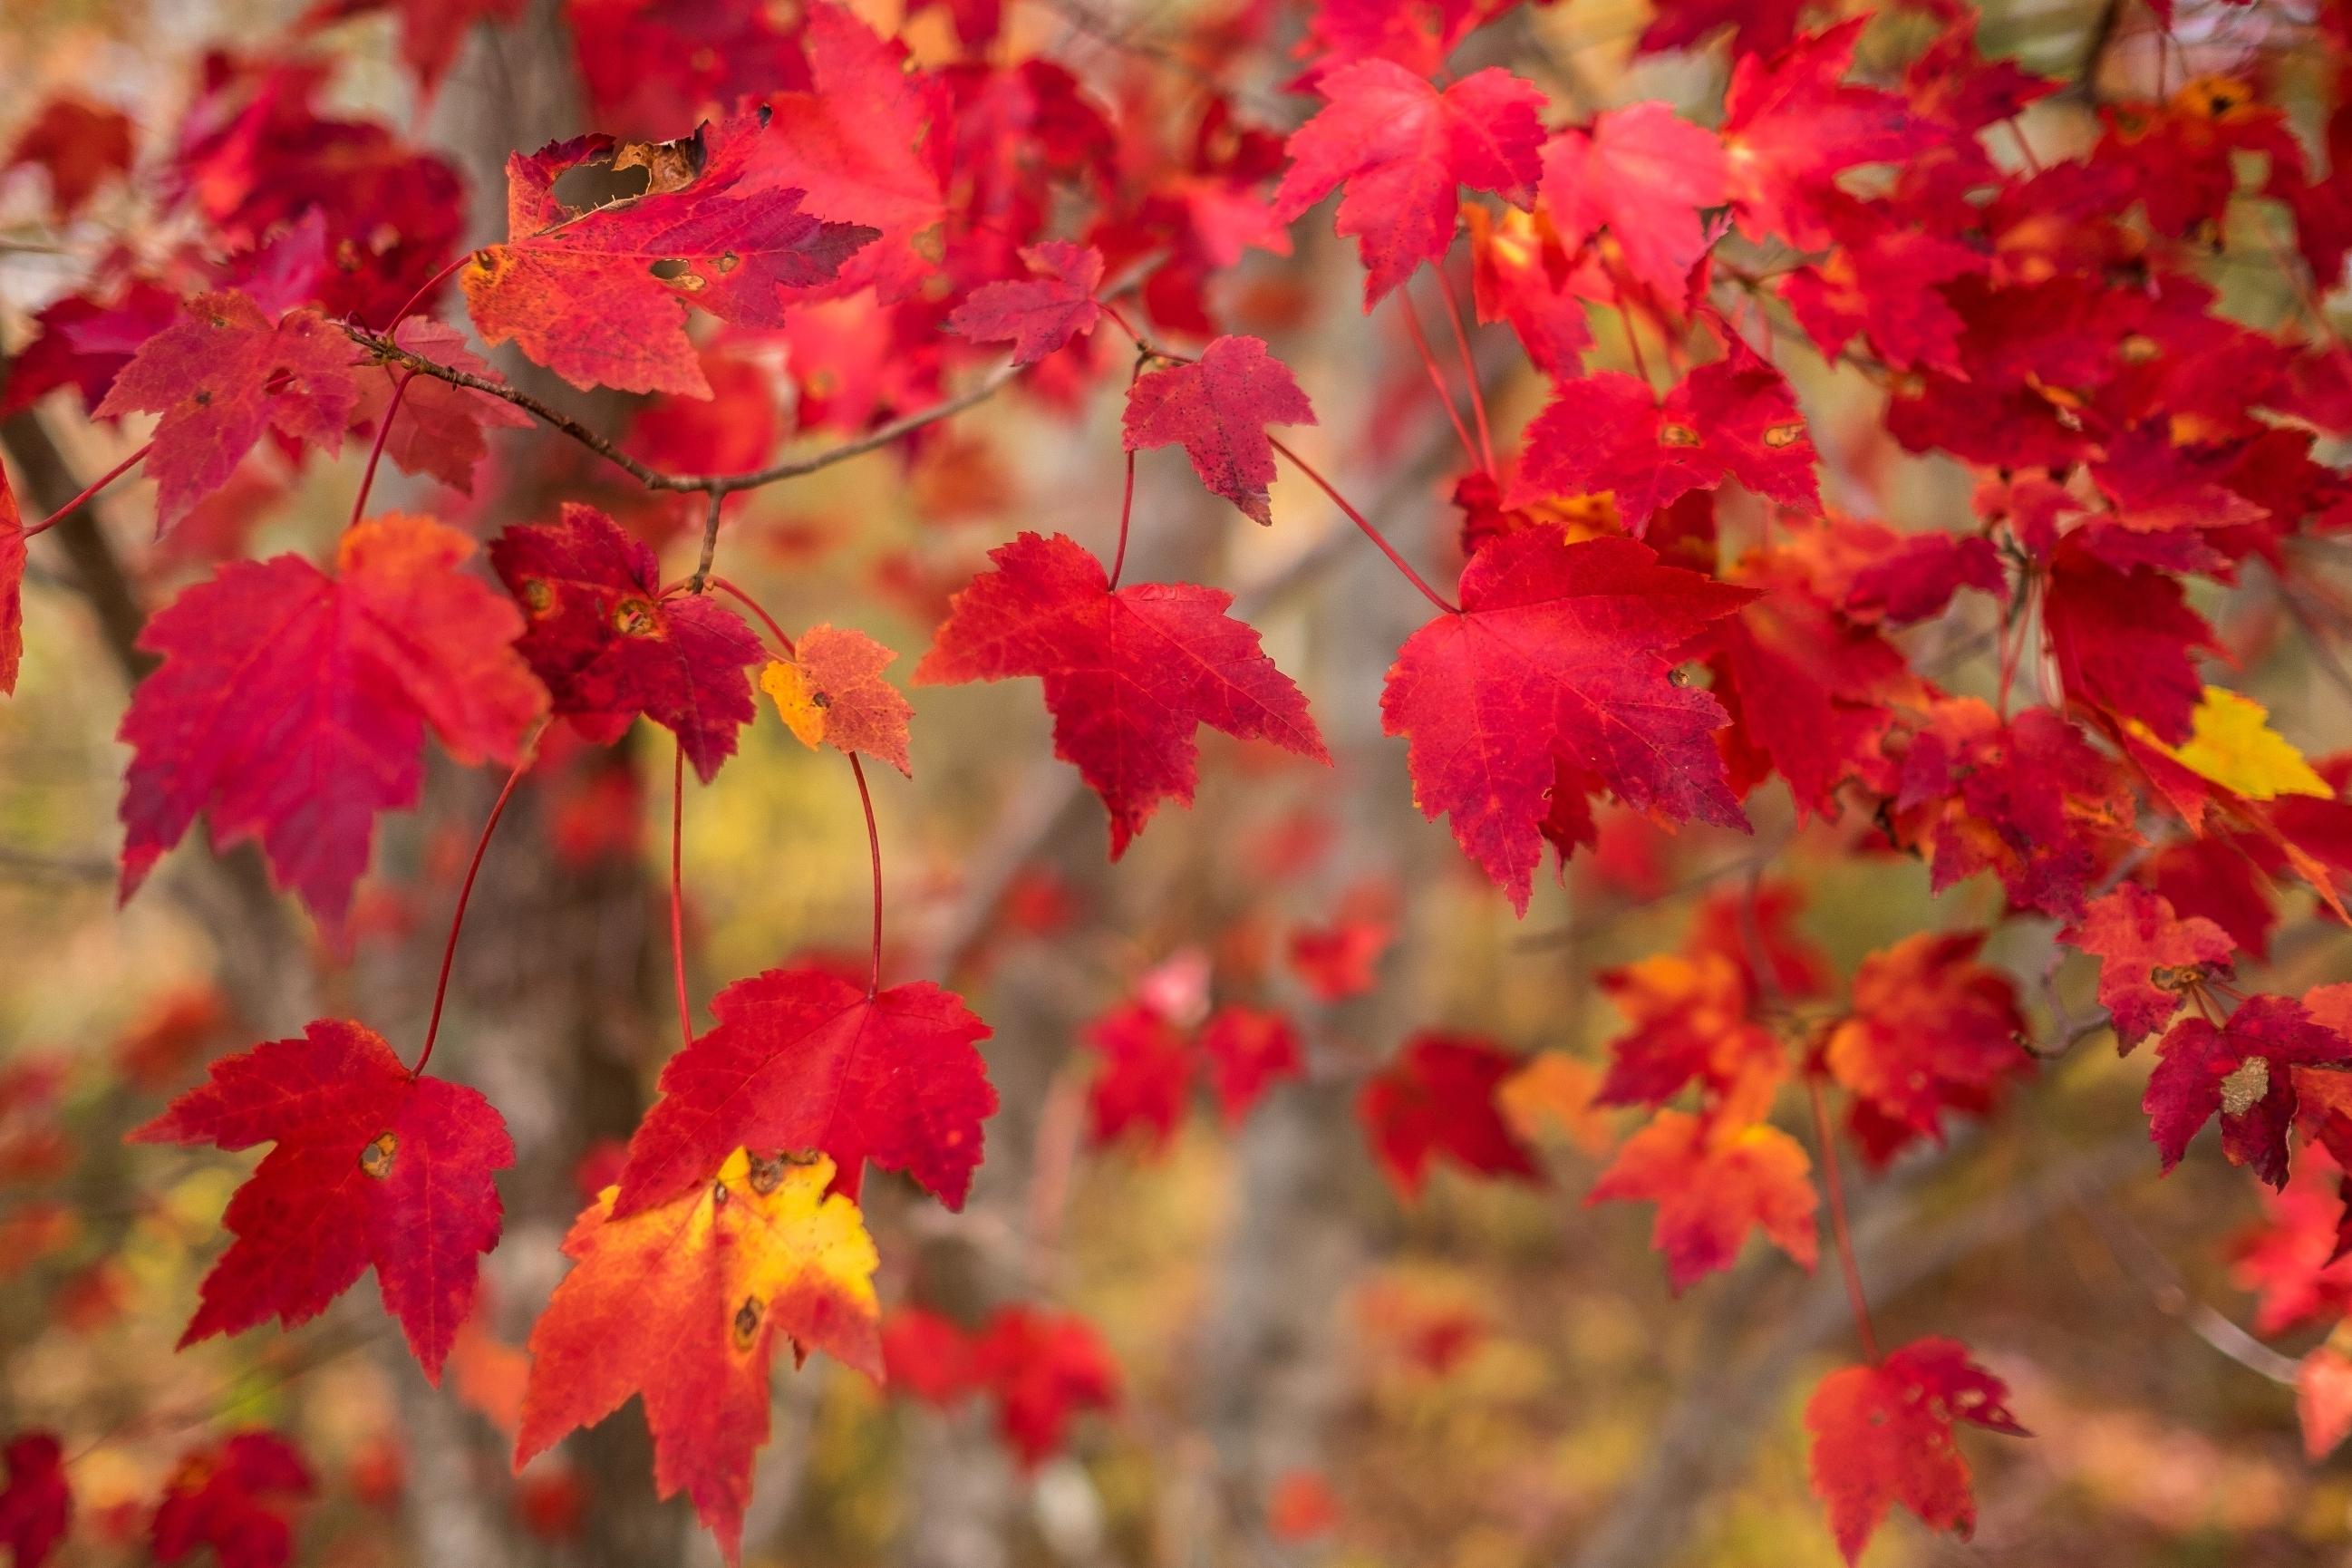 Днем, лучшие картинки на рабочий стол широкоформатные осень наступила